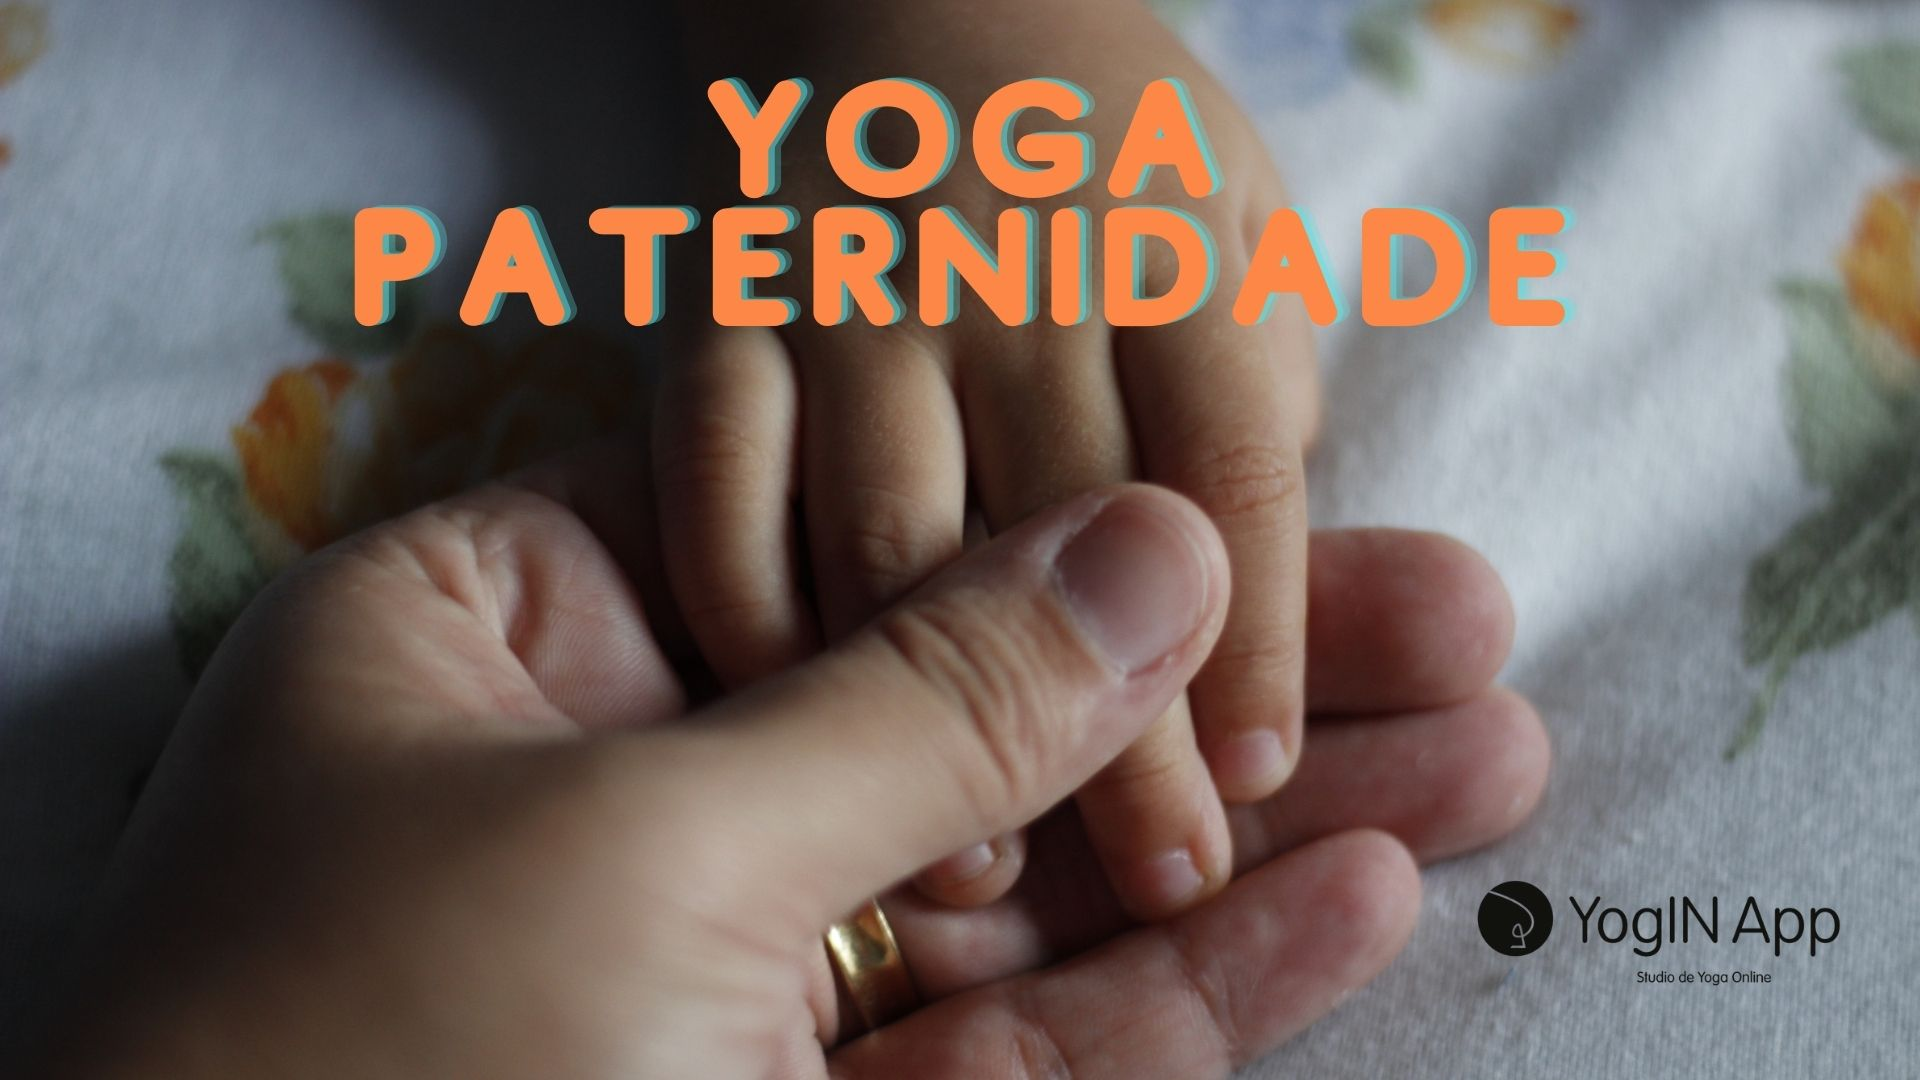 yoga e paternidade